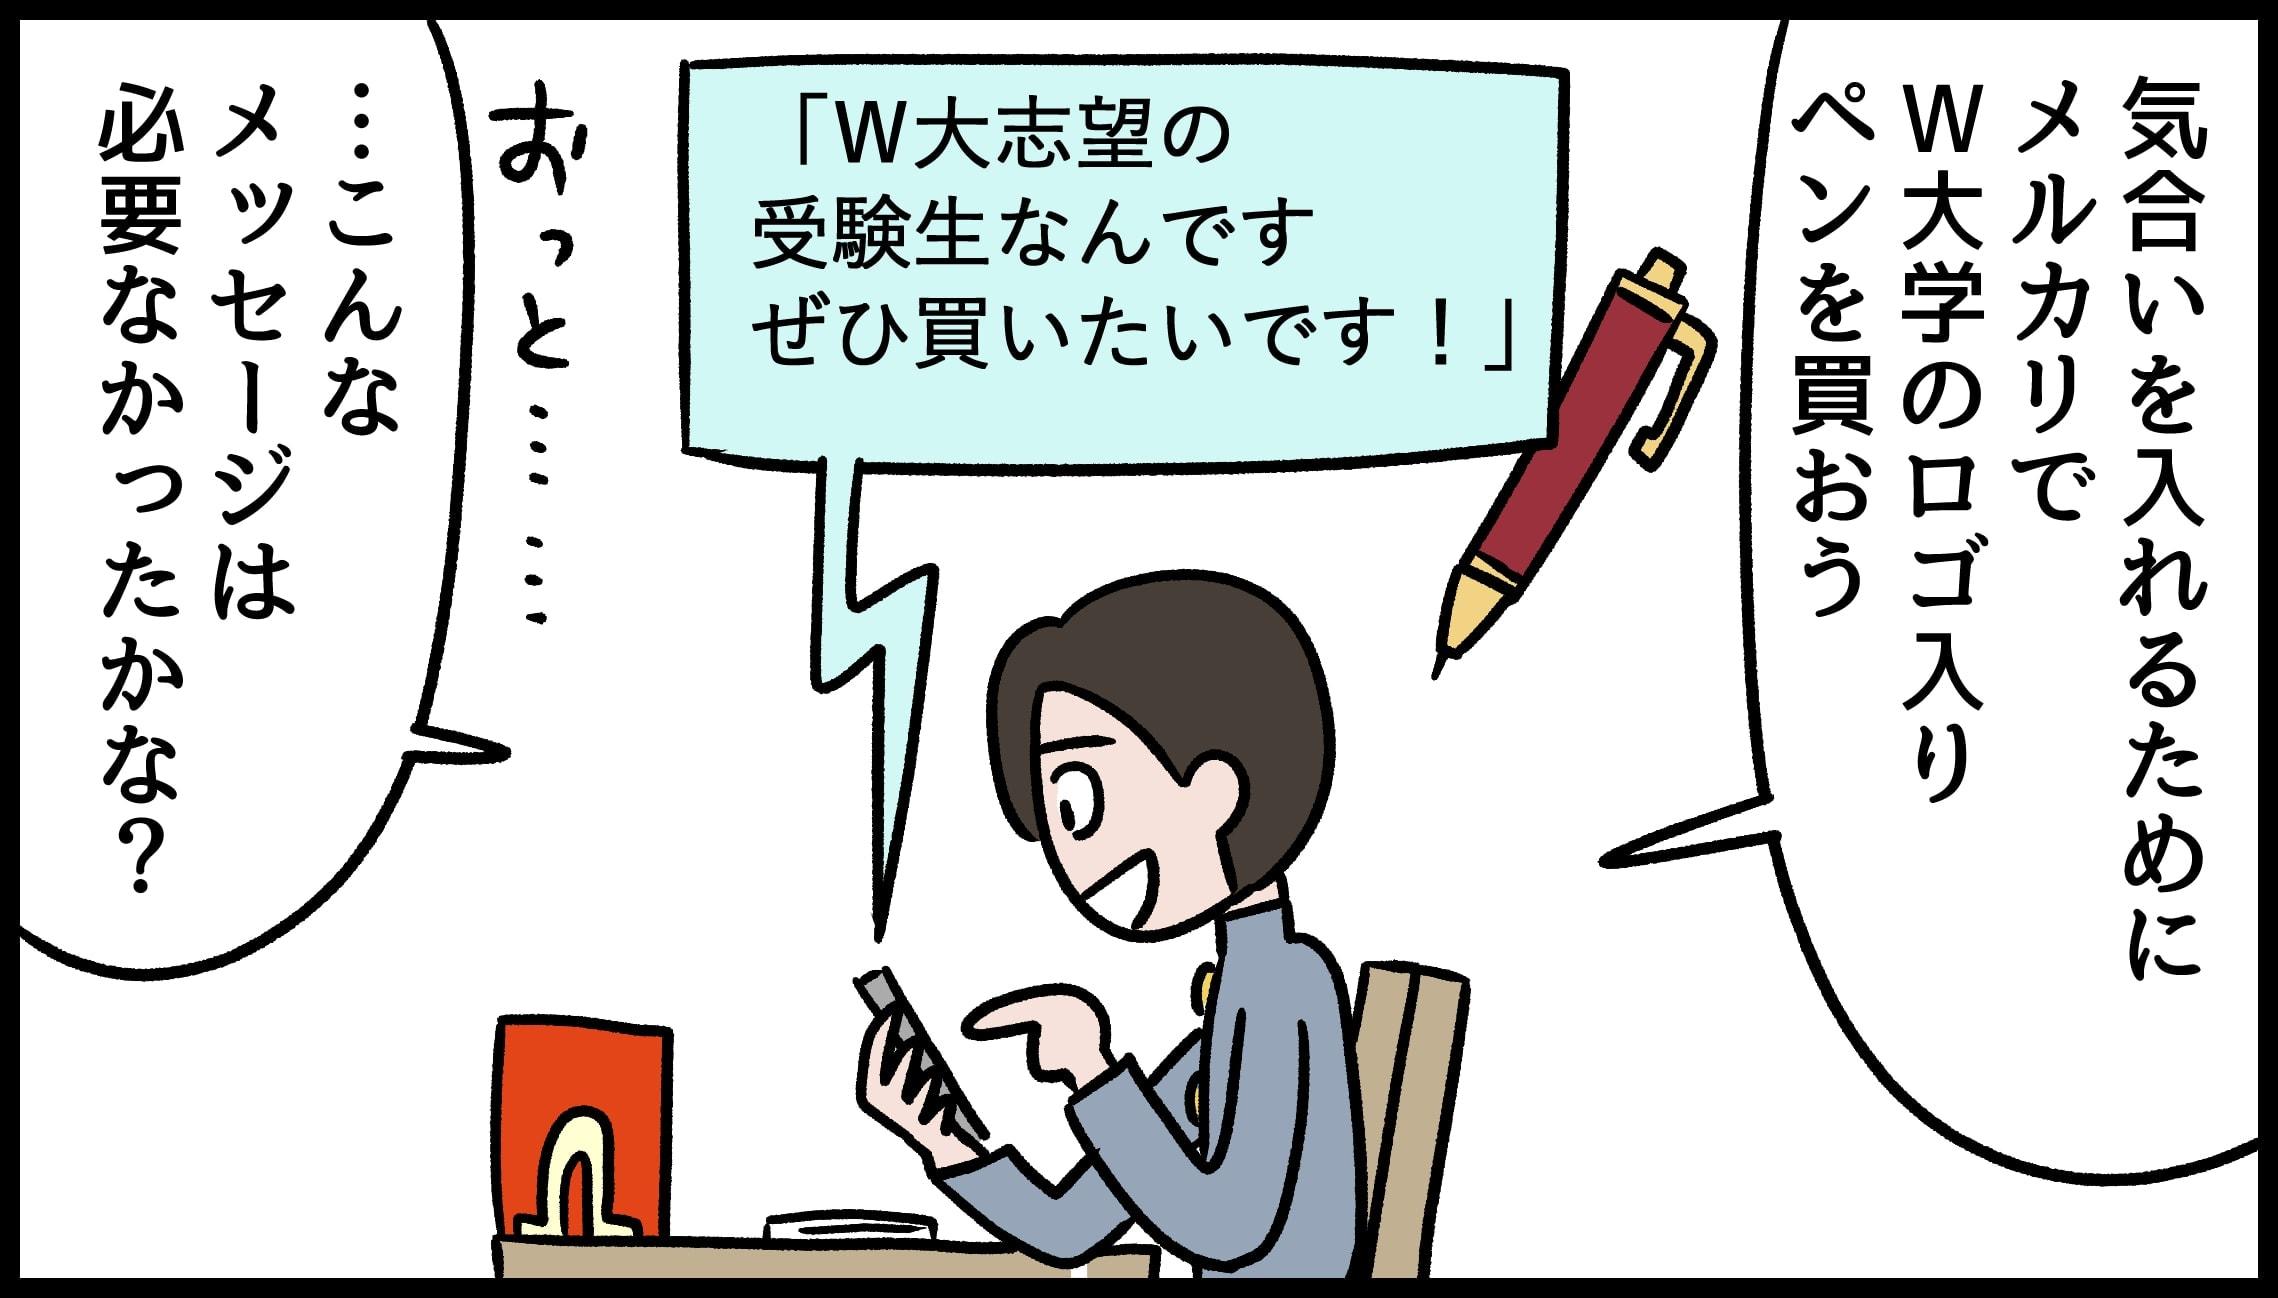 気合を入れるために志望校のロゴ入りペンを購入